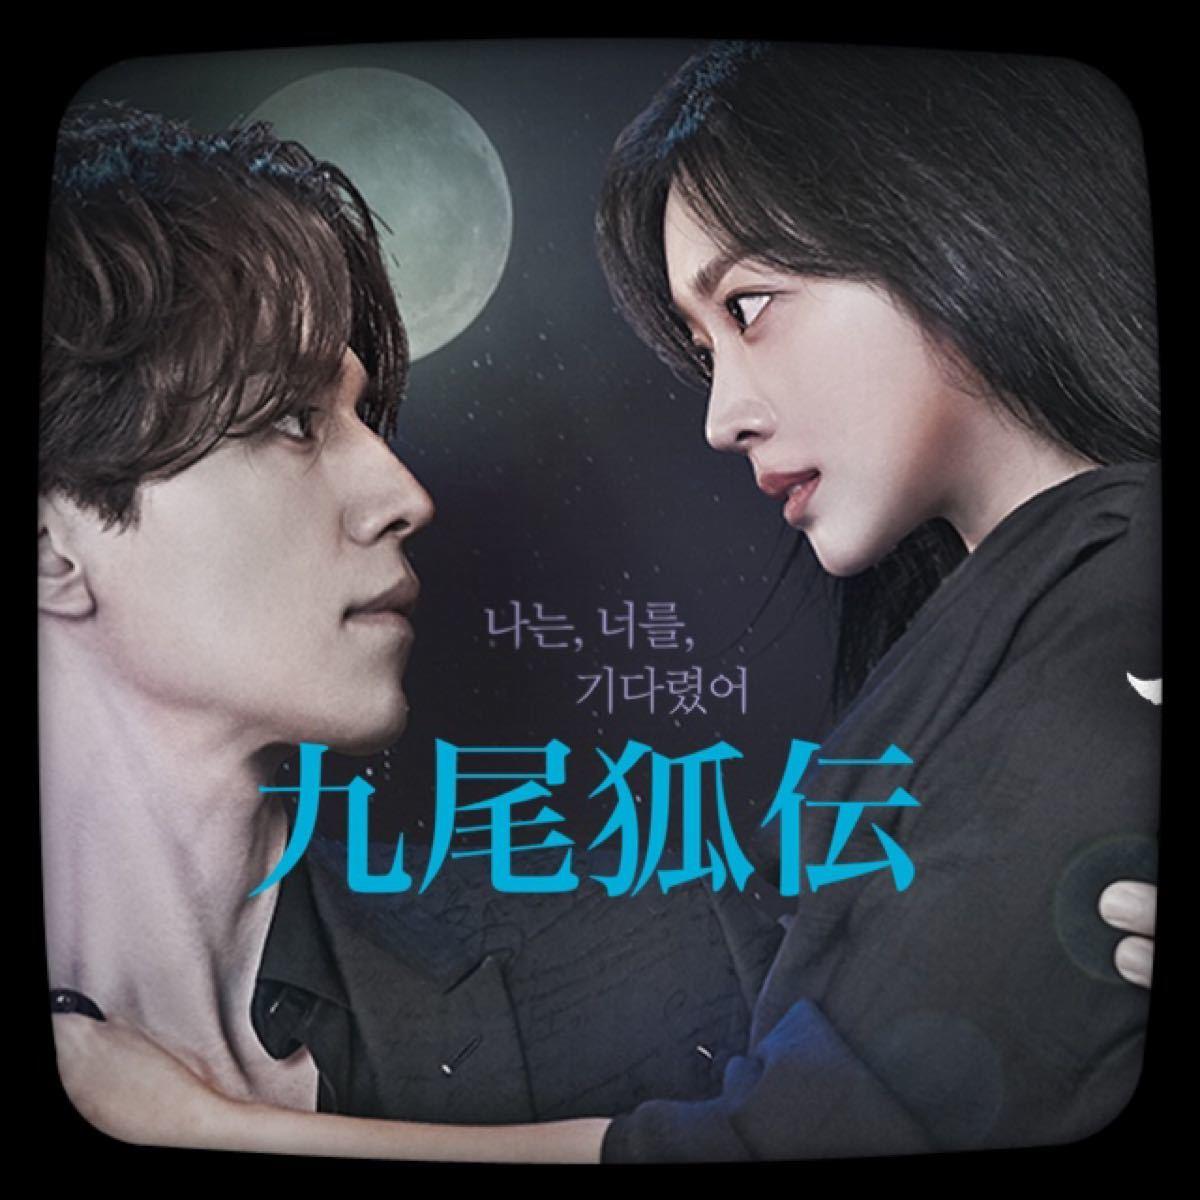 【九尾狐伝】Blu-ray 韓国ドラマ 韓流